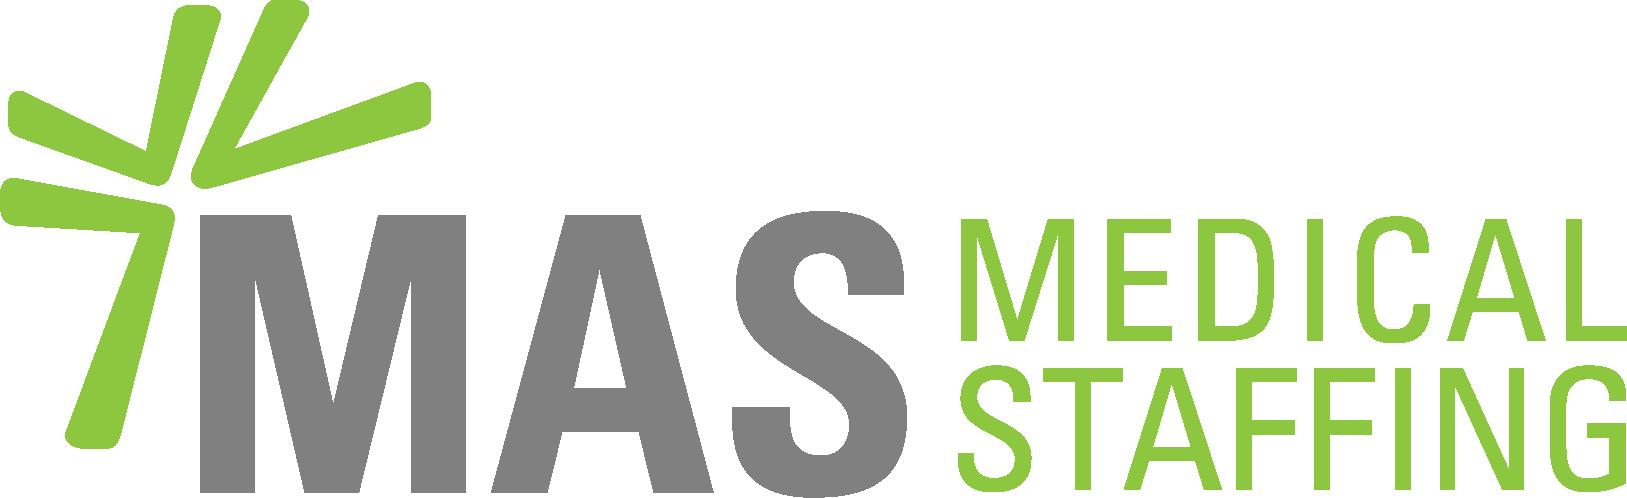 MAS Medical Staffing's logo